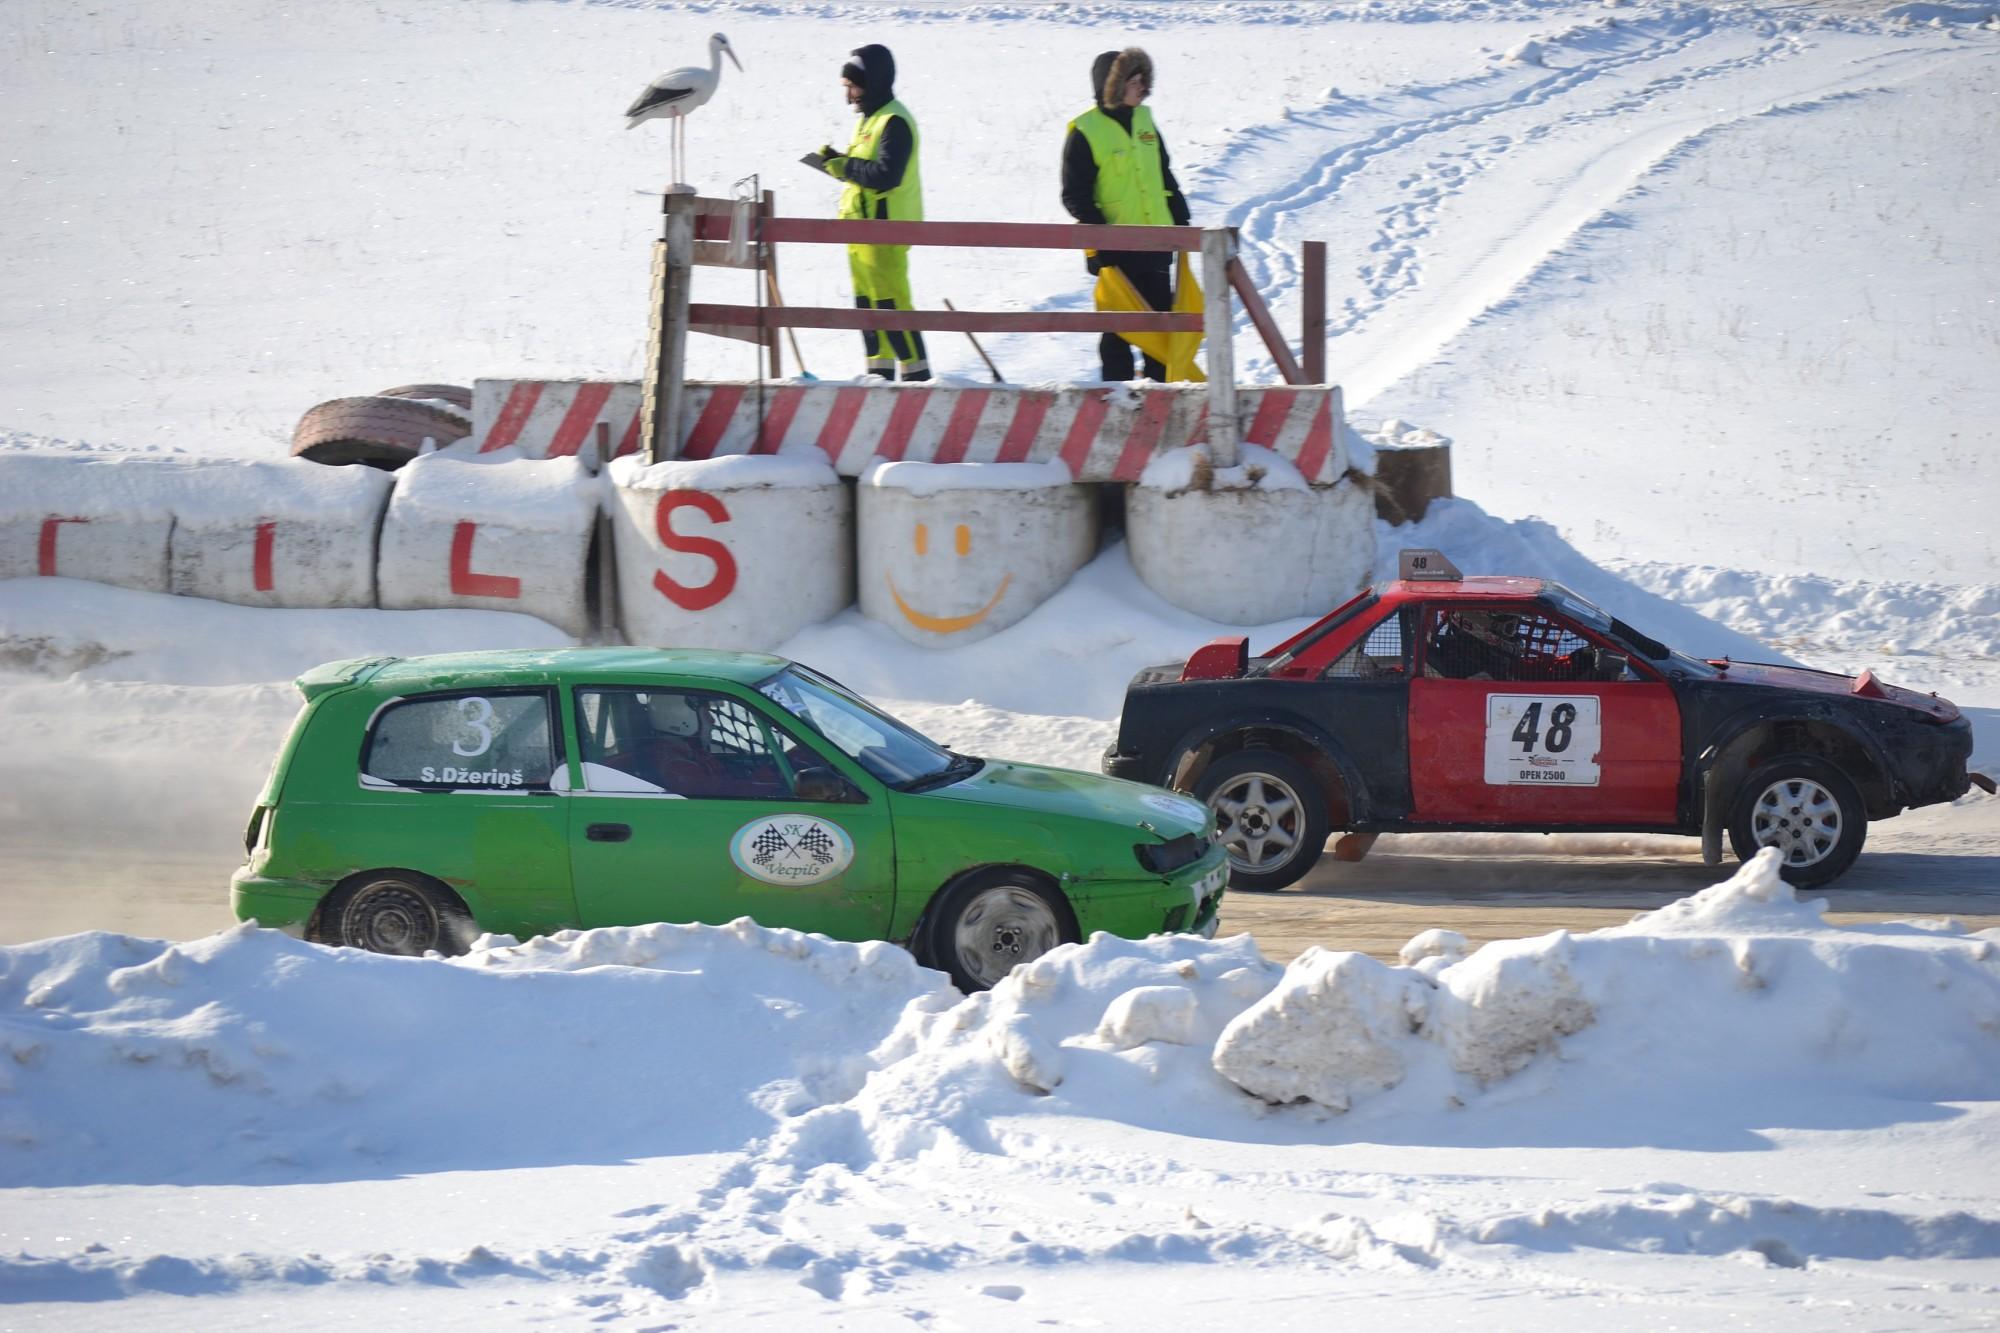 Ziemas sezonas noslēguma sacīkstēs Vecpilī– uz pjedestāla arī mūspuses autosportisti